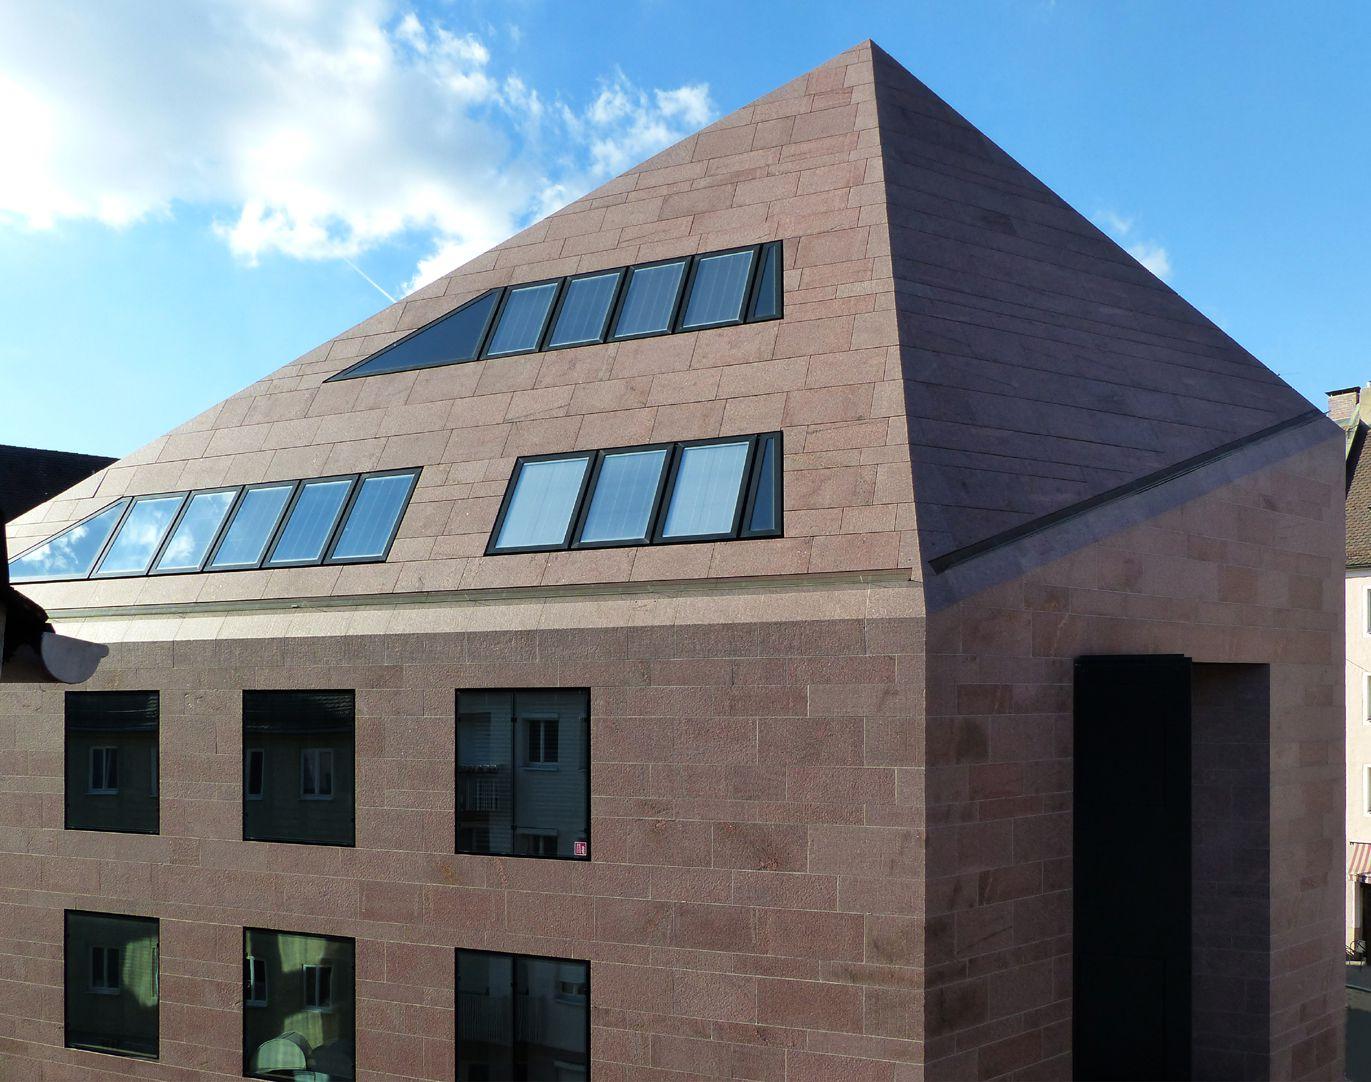 Sebalder Kontore Dach, Süd- und Ostfassade